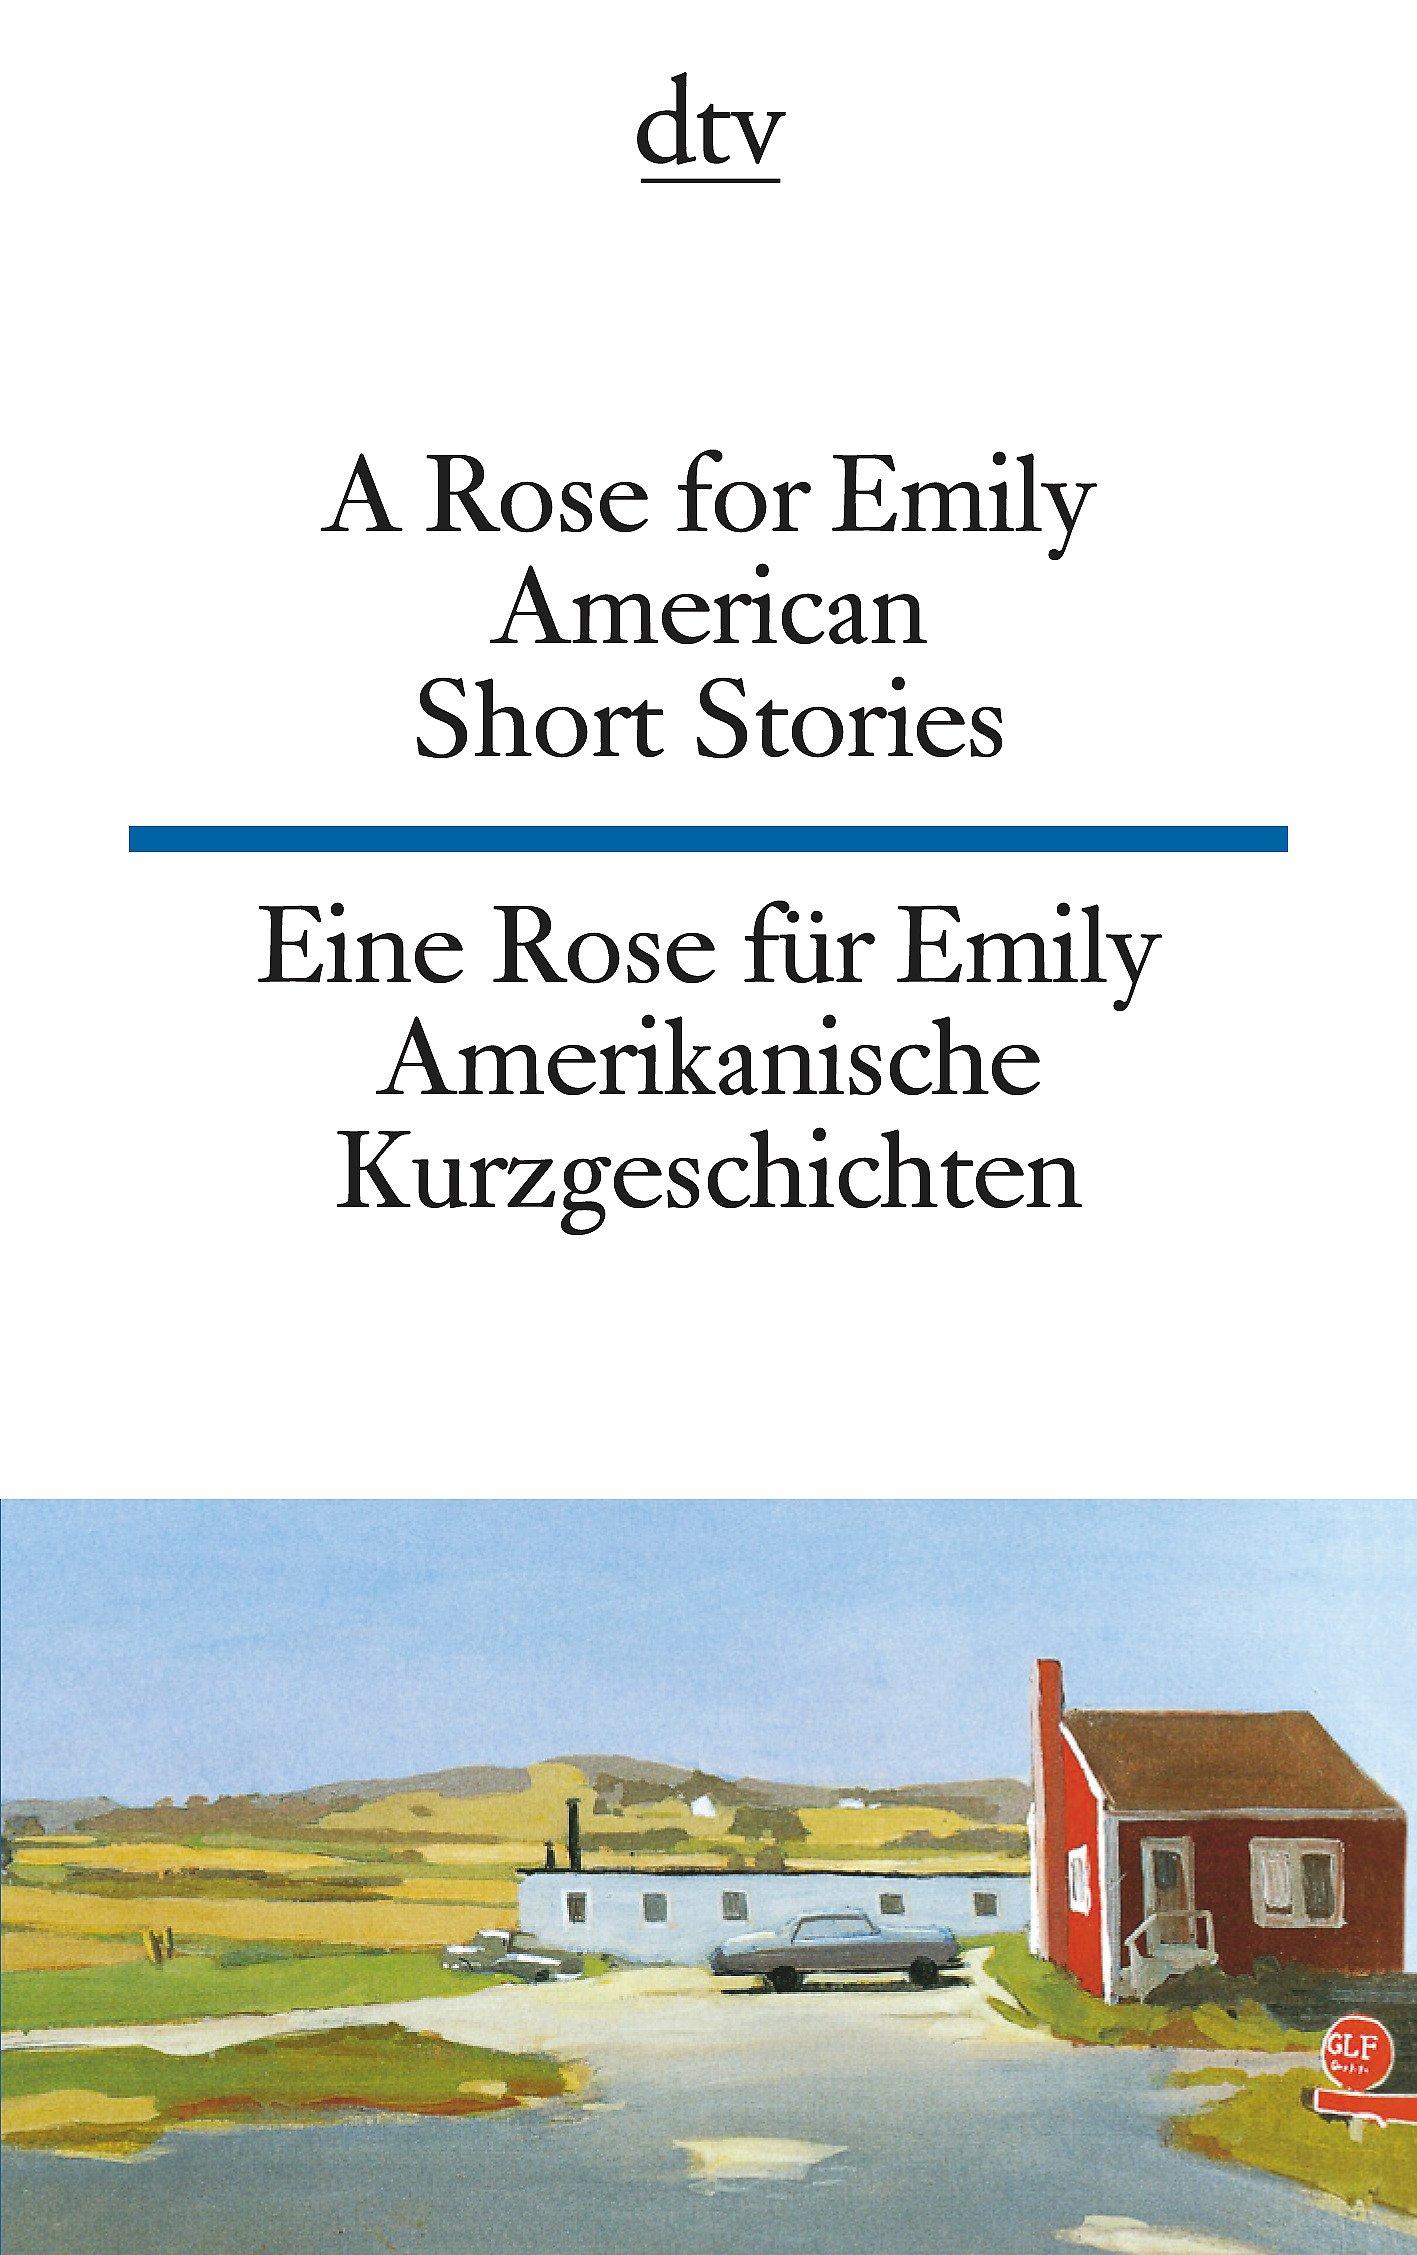 a-rose-for-emily-eine-rose-fr-emily-american-short-stories-amerikanische-kurzgeschichten-dtv-zweisprachig